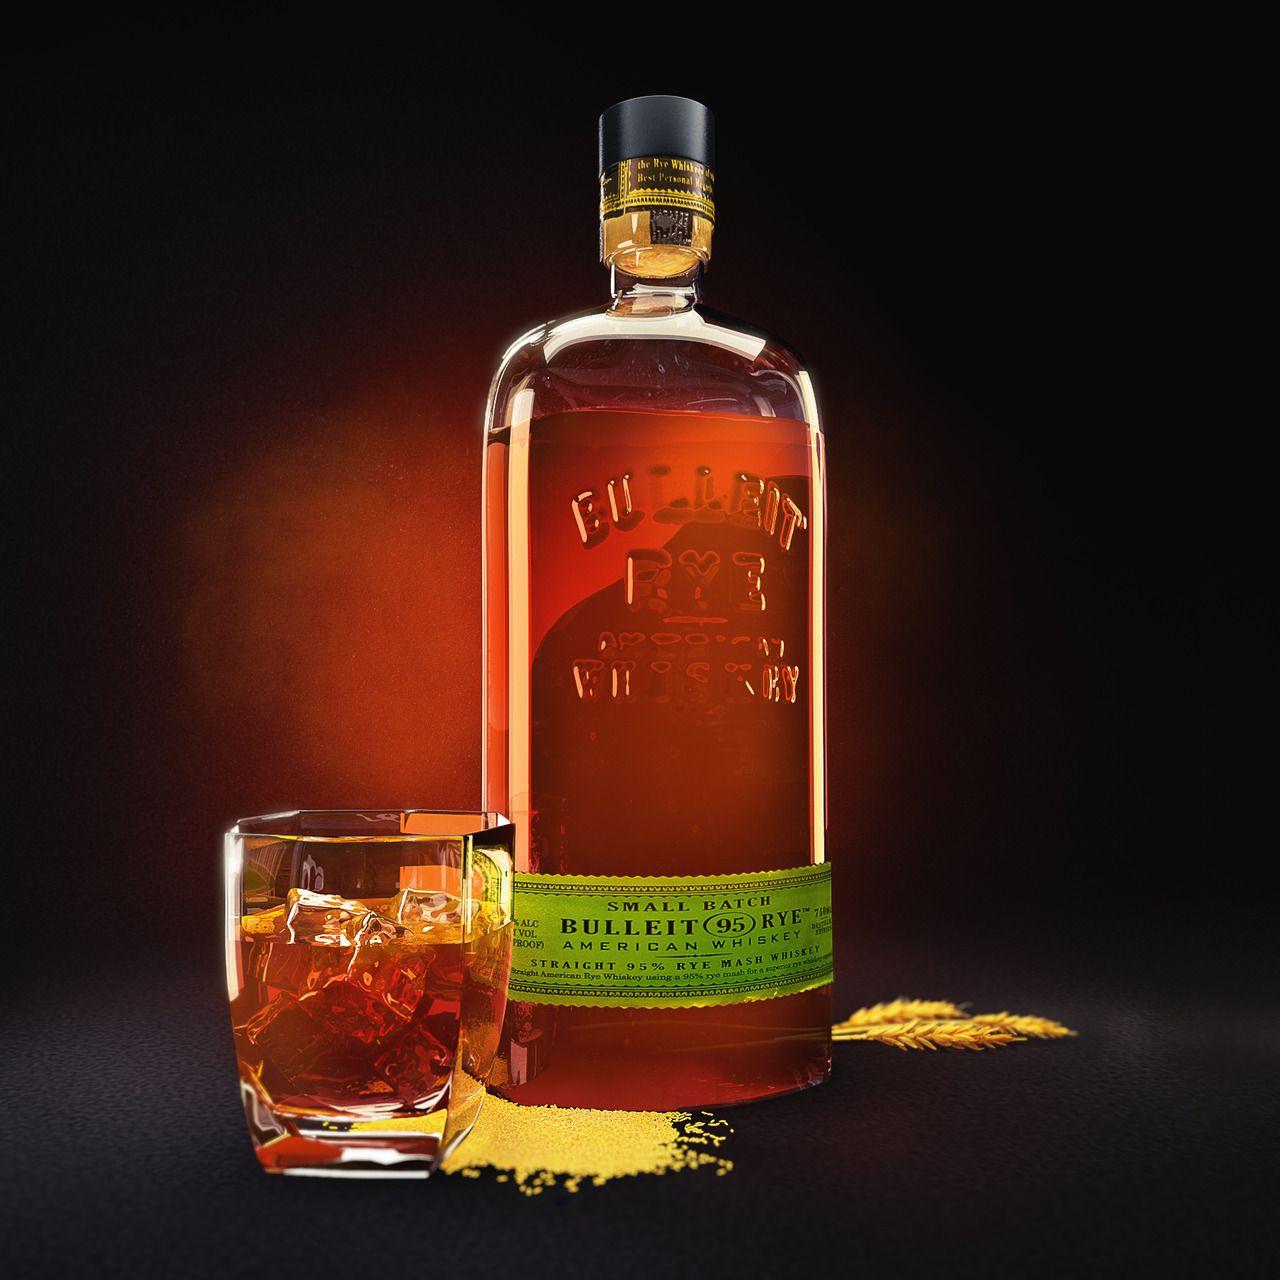 Glass Whisky Decanter Spirits Whiskey Cognac Liquor Estilo ... |Whisky Bottle With Glass